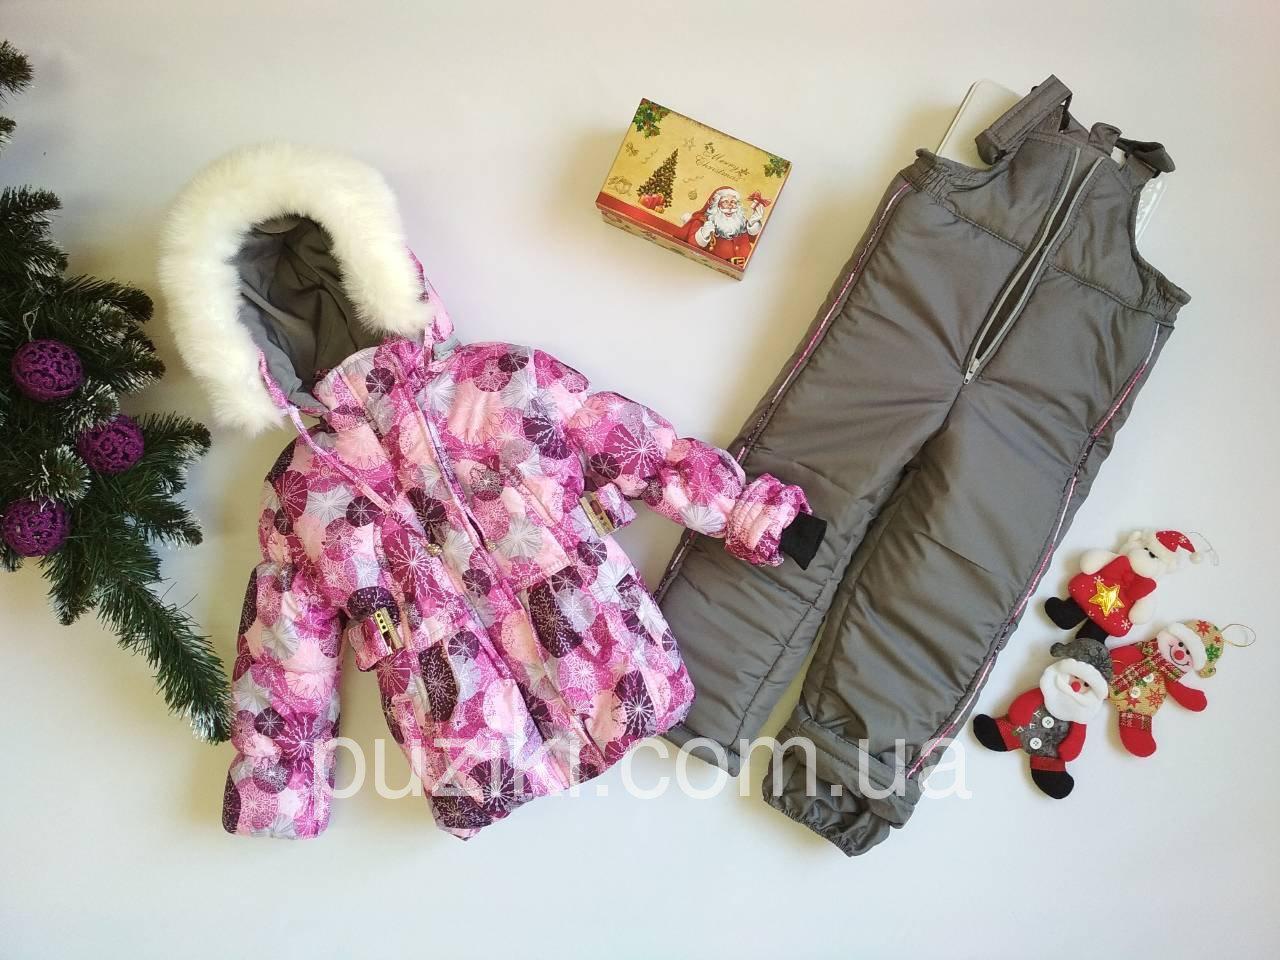 Комбинезон для девочки Снежинки 1-4 года сиреневый